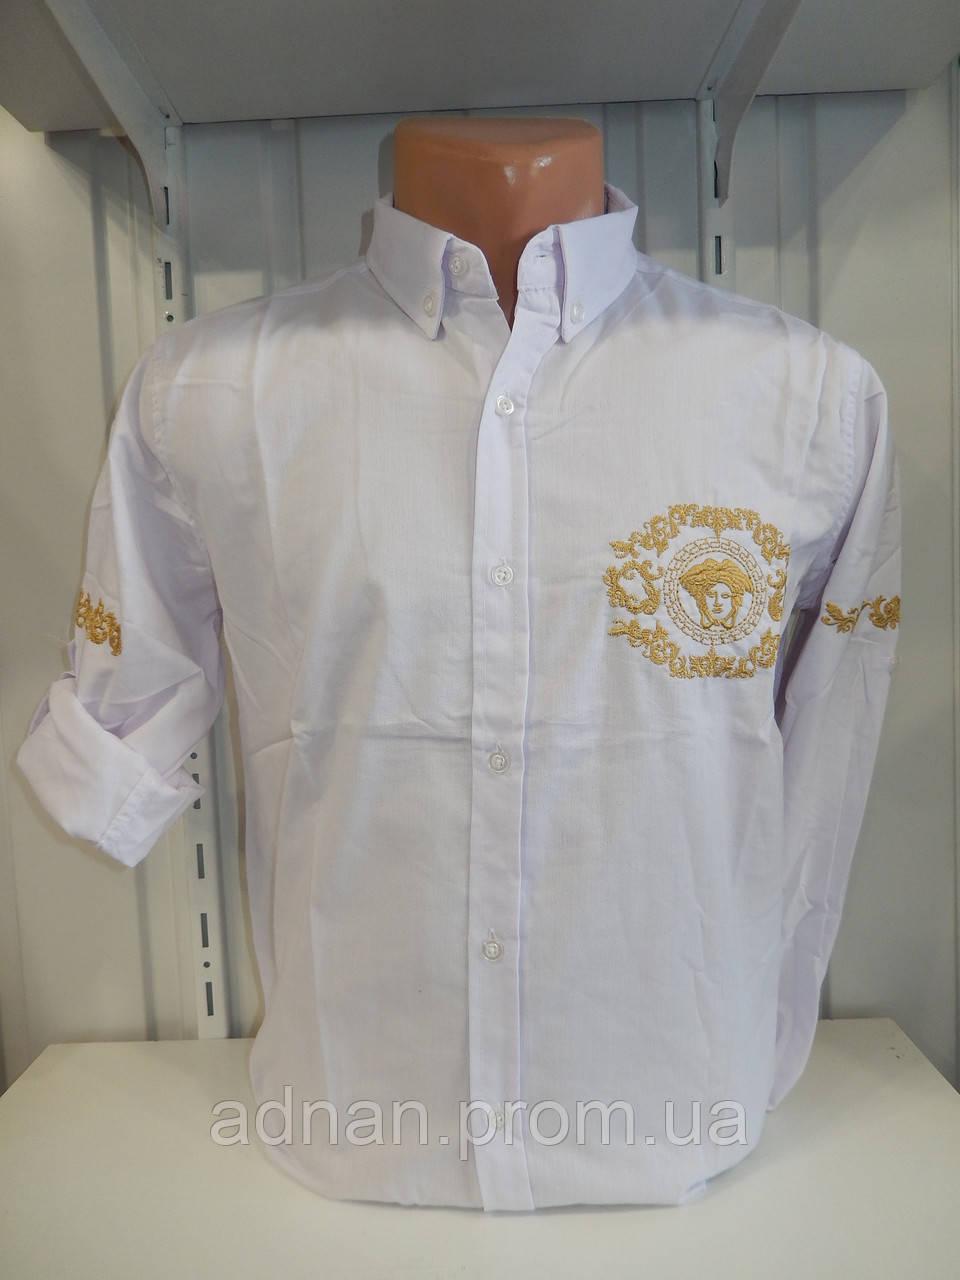 Рубашка мужская, рукав трансформер, узор, стрейч 009\ купить рубашку